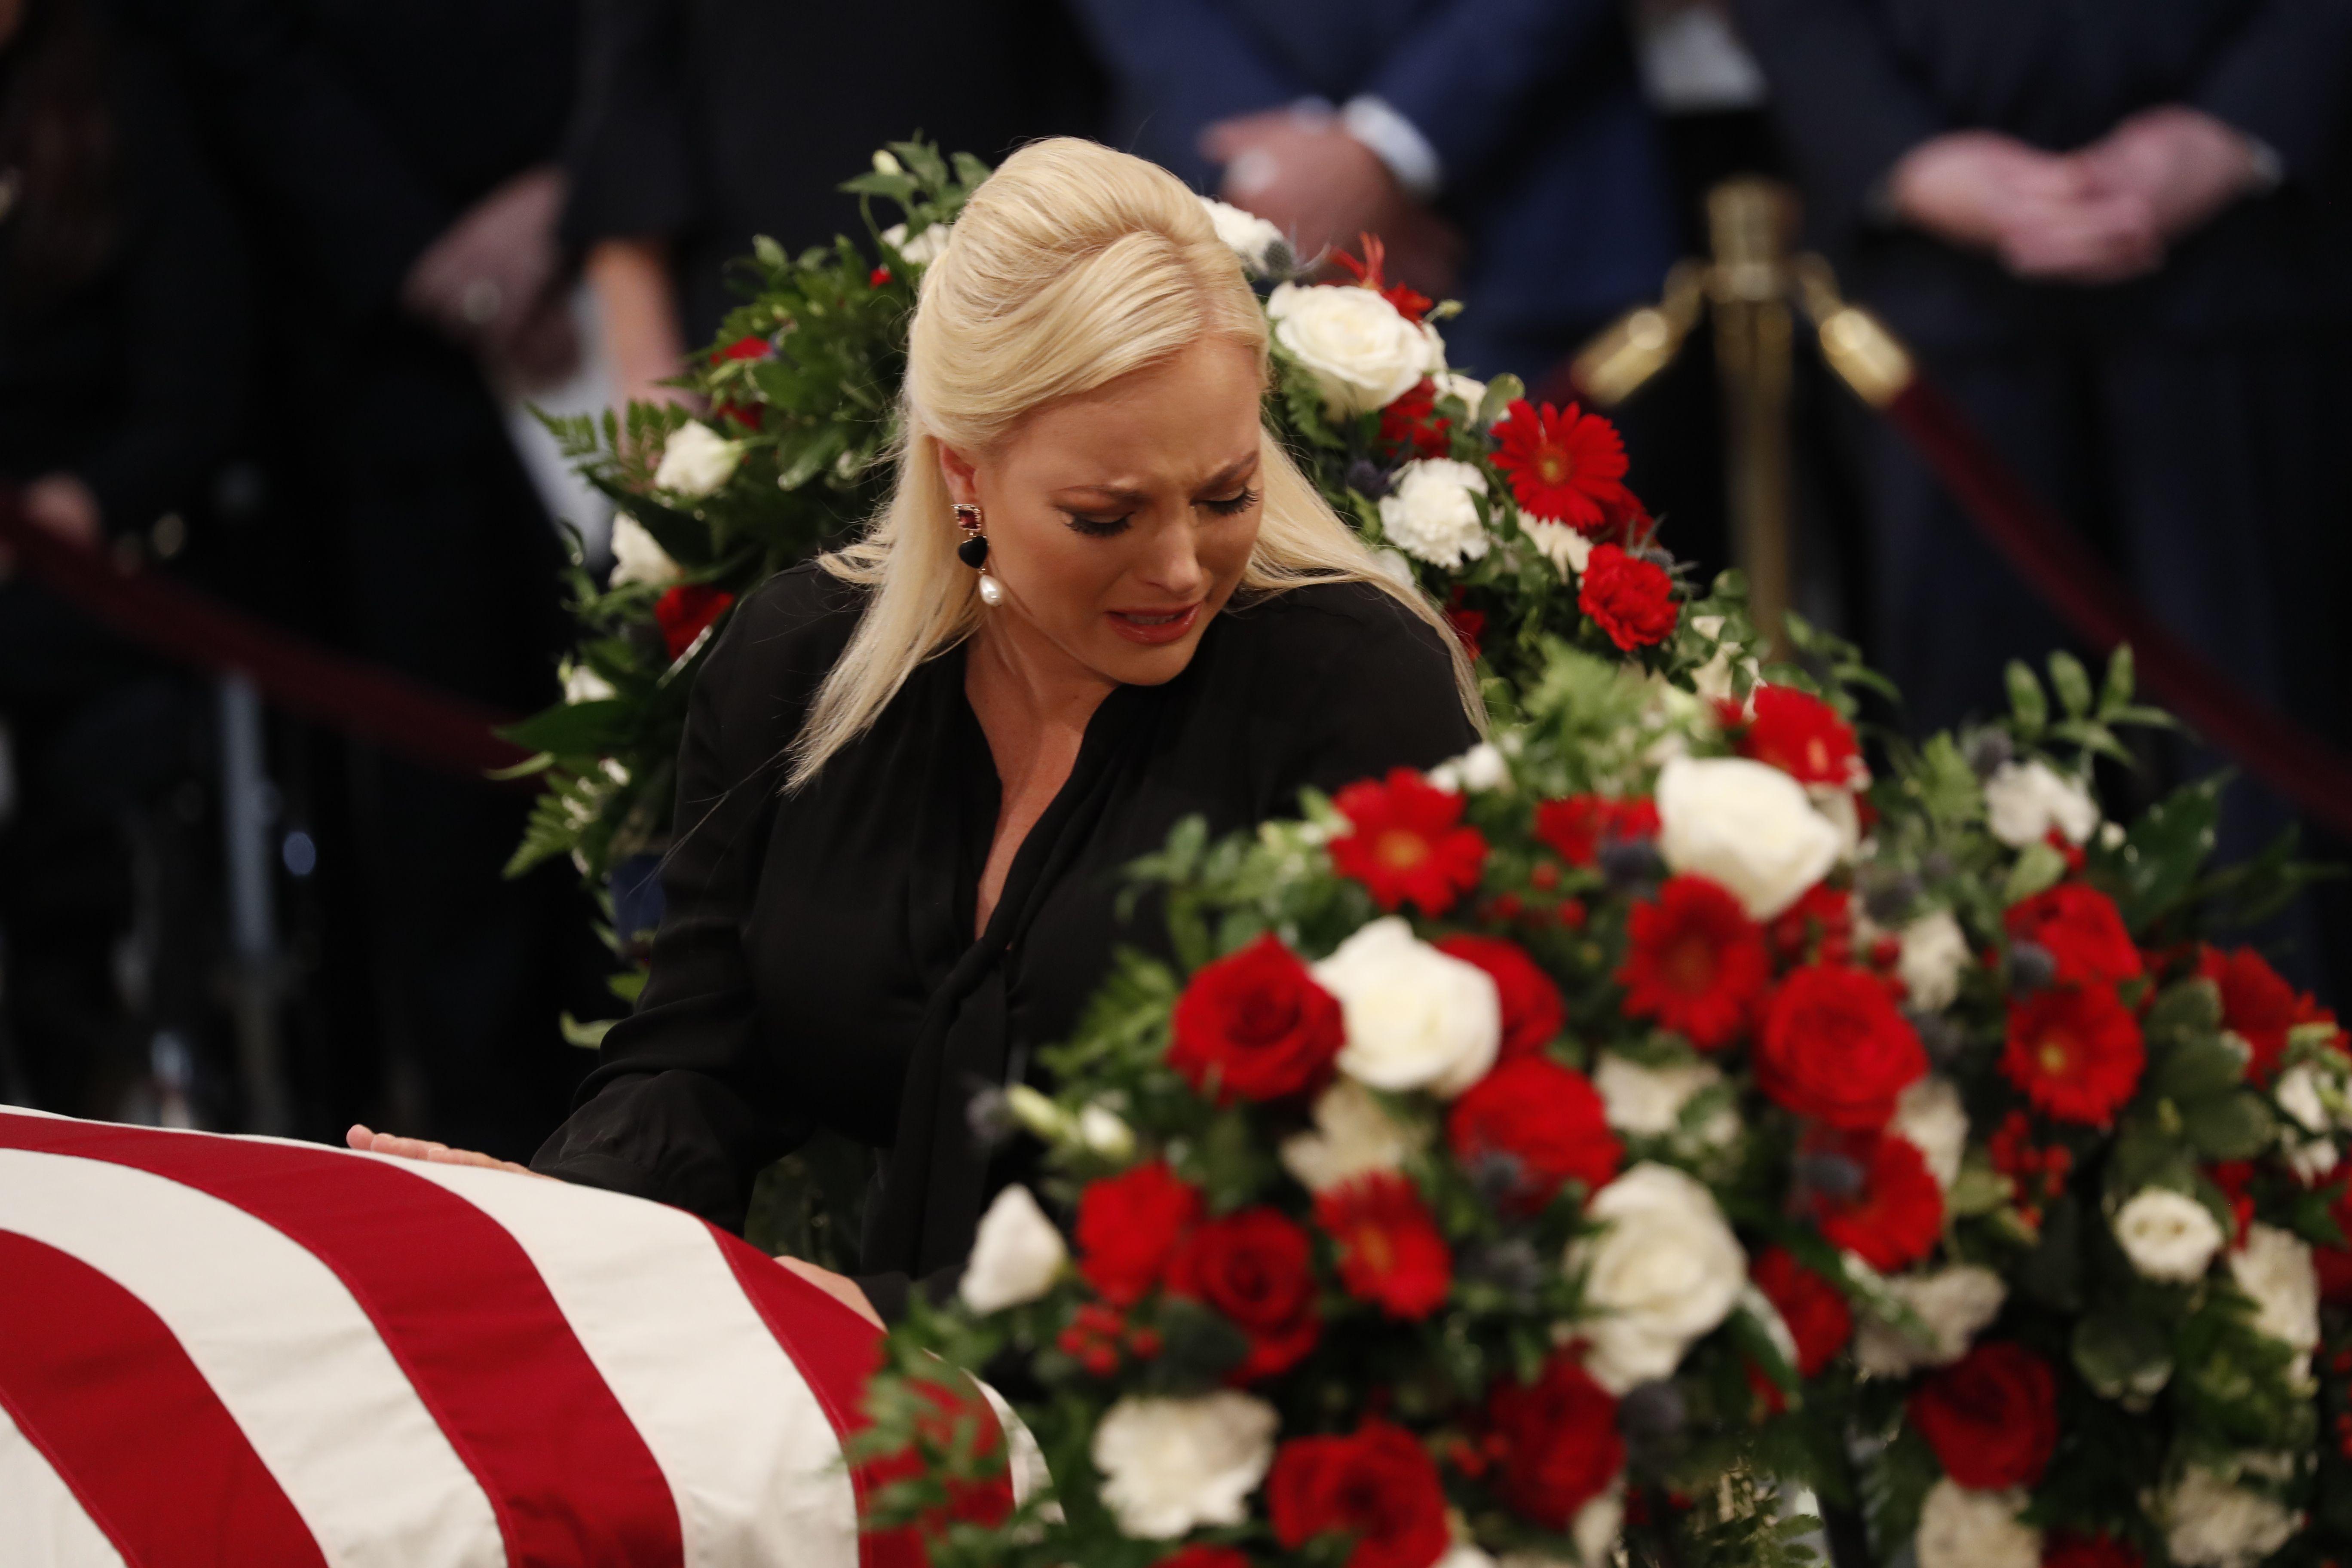 Meghan McCain rebukes Trumpism in memorial tribute to her dad - Axios